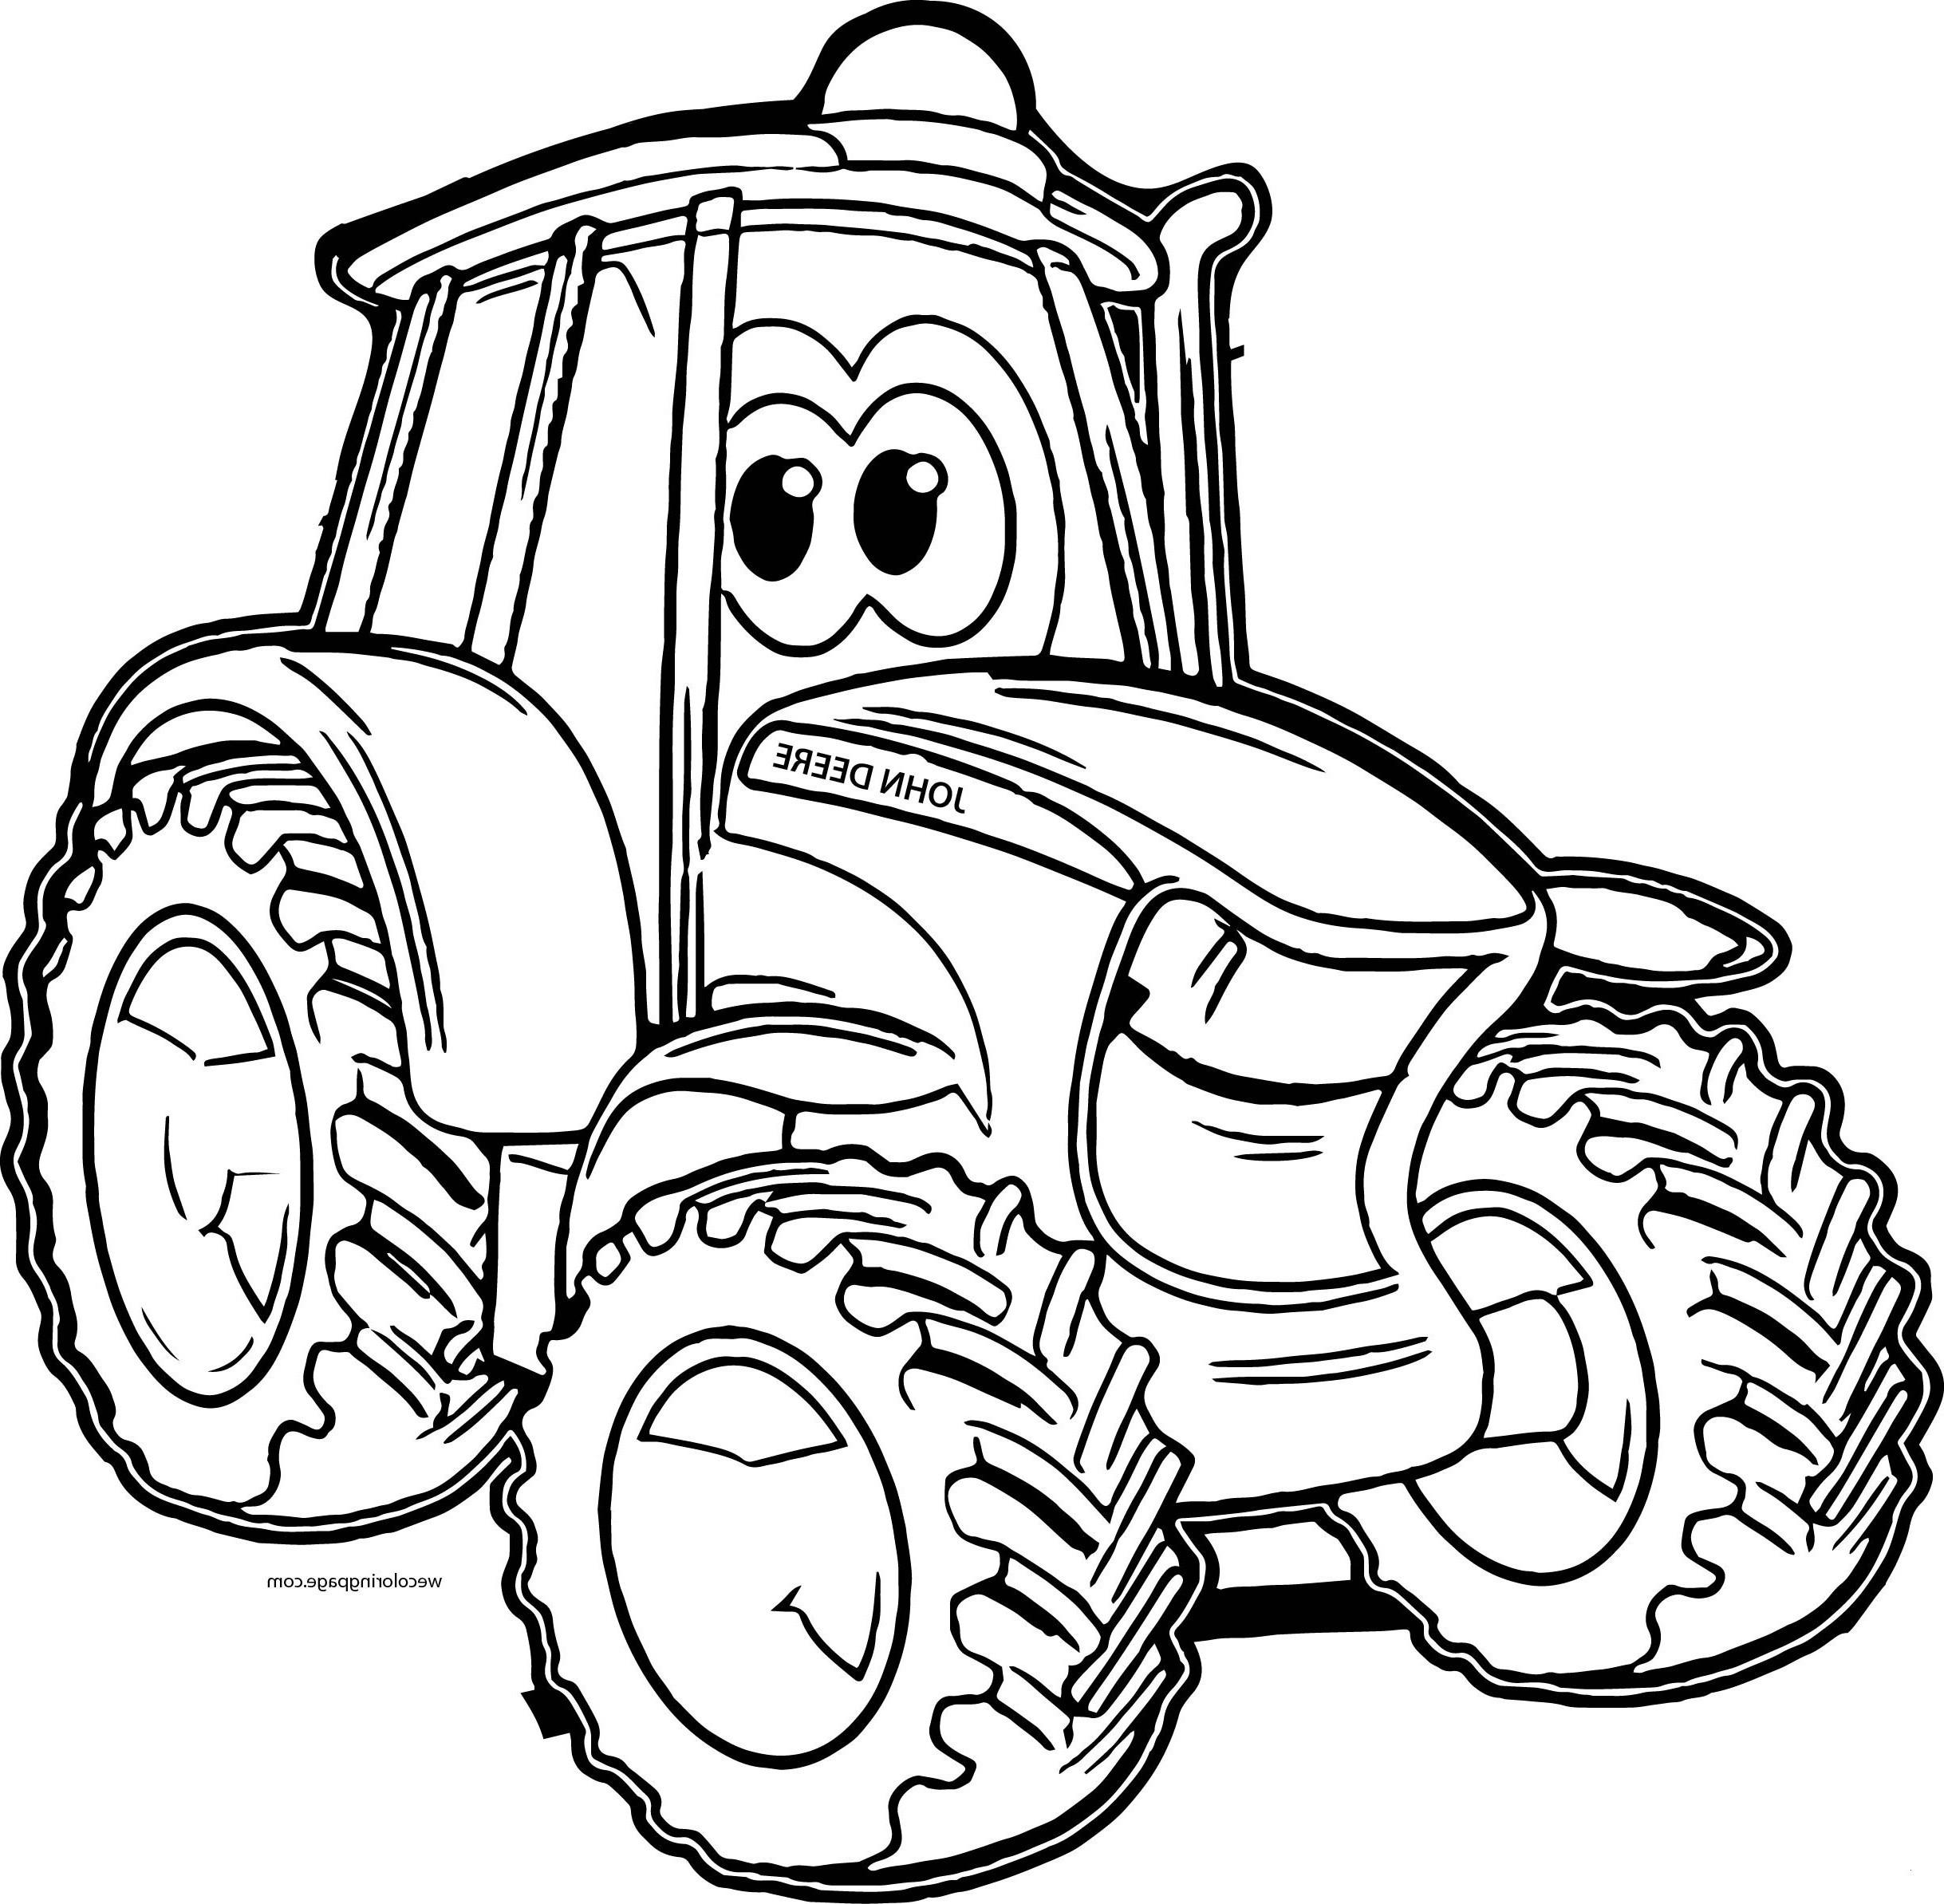 20 Der Besten Ideen Für Ausmalbilder Traktor Mit Frontlader Beste